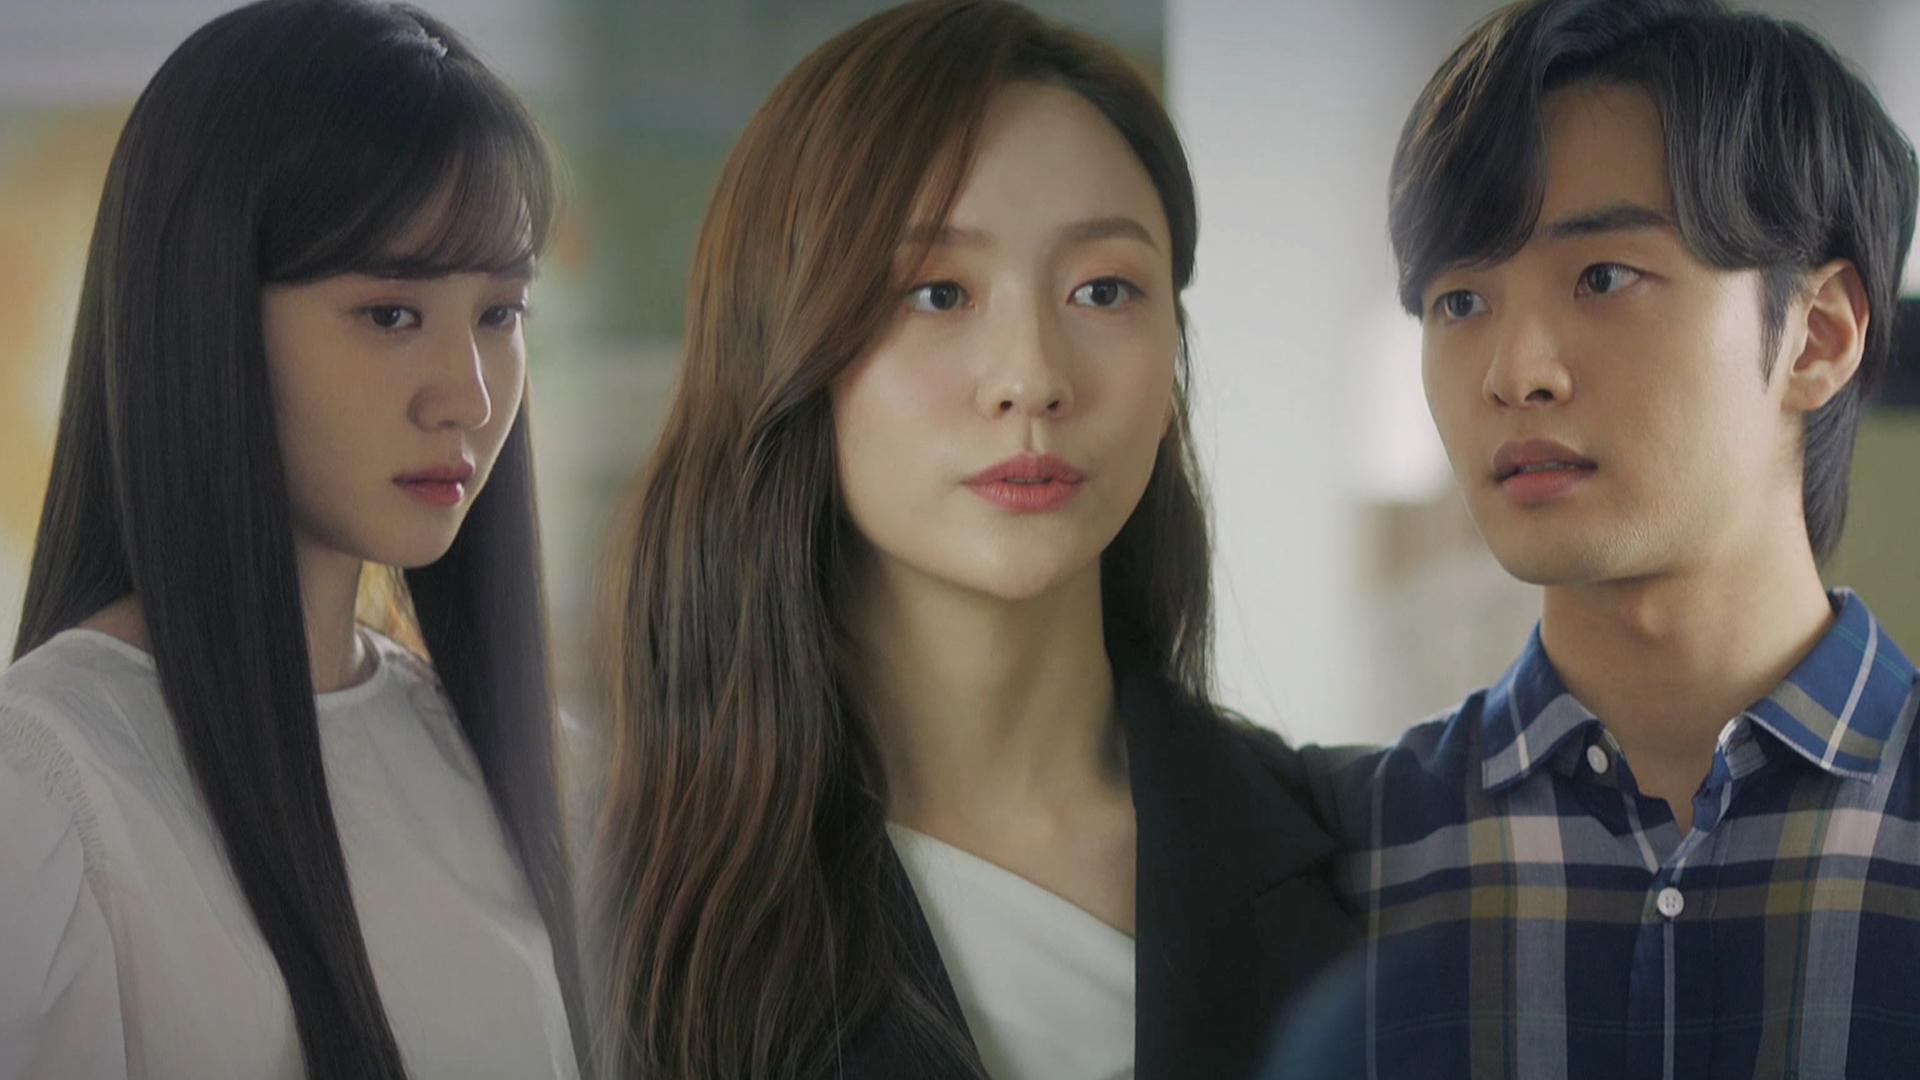 [사이다 엔딩] 안 해 김민재, 박지현 독주회 반주 부탁에 차가운 거절!